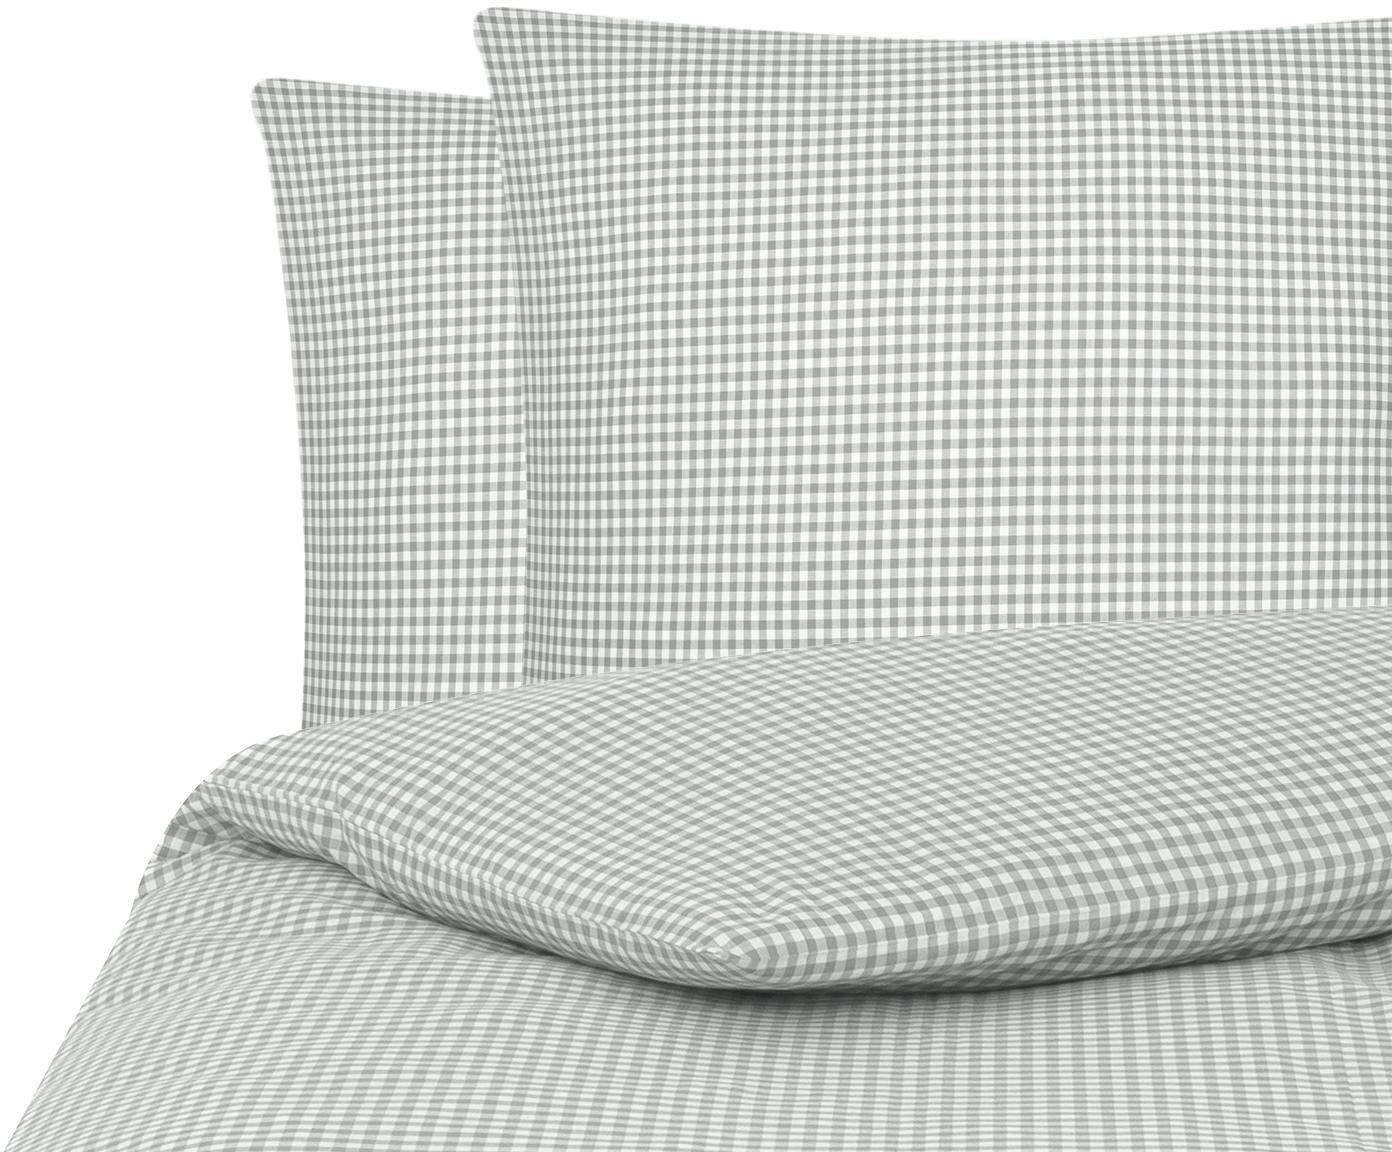 Karierte Baumwoll-Bettwäsche Scotty in Grau/Weiß, 100% Baumwolle  Fadendichte 118 TC, Standard Qualität  Bettwäsche aus Baumwolle fühlt sich auf der Haut angenehm weich an, nimmt Feuchtigkeit gut auf und eignet sich für Allergiker, Hellgrau/Weiß, 200 x 200 cm + 2 Kissen 80 x 80 cm